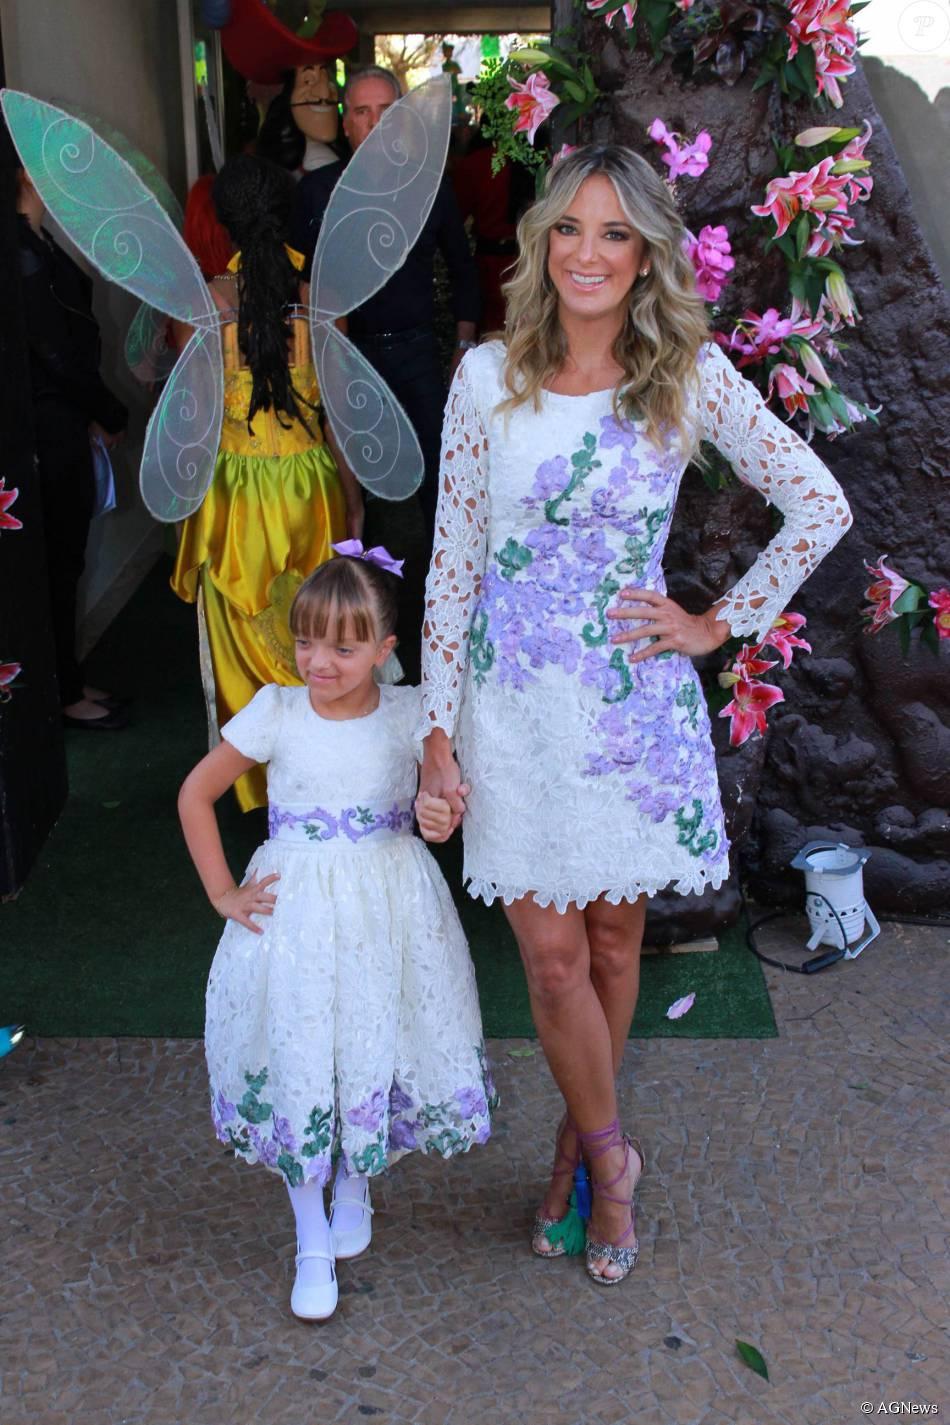 8214bc524755f5 Rafaella Justus usou um vestido semelhante ao da mãe, Ticiane ...